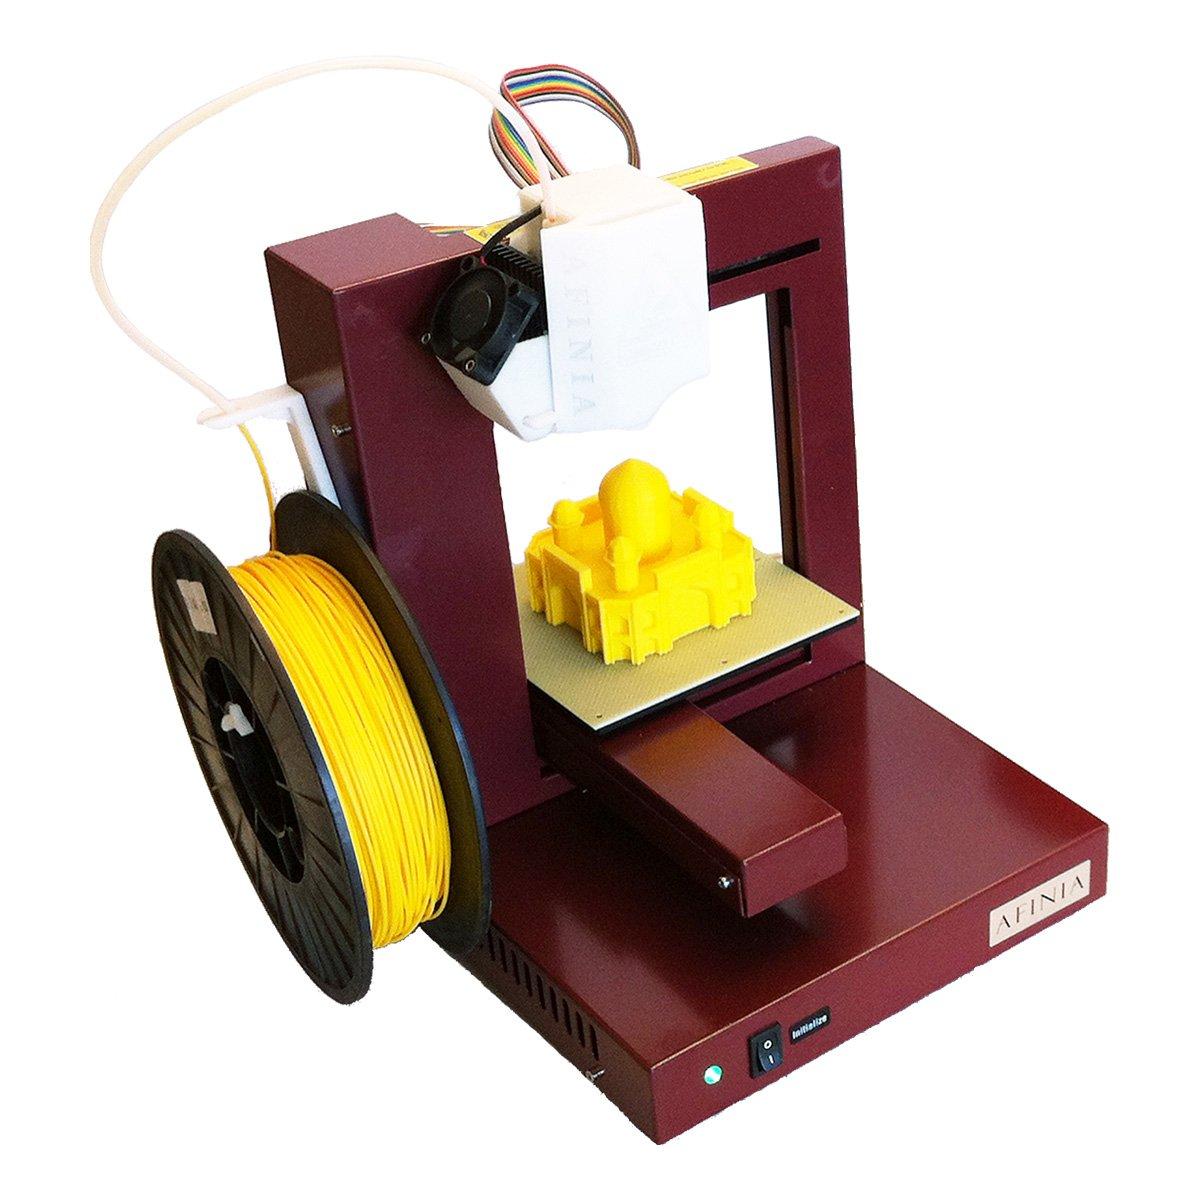 Afinia H480 impresora 3d: Amazon.es: Amazon.es